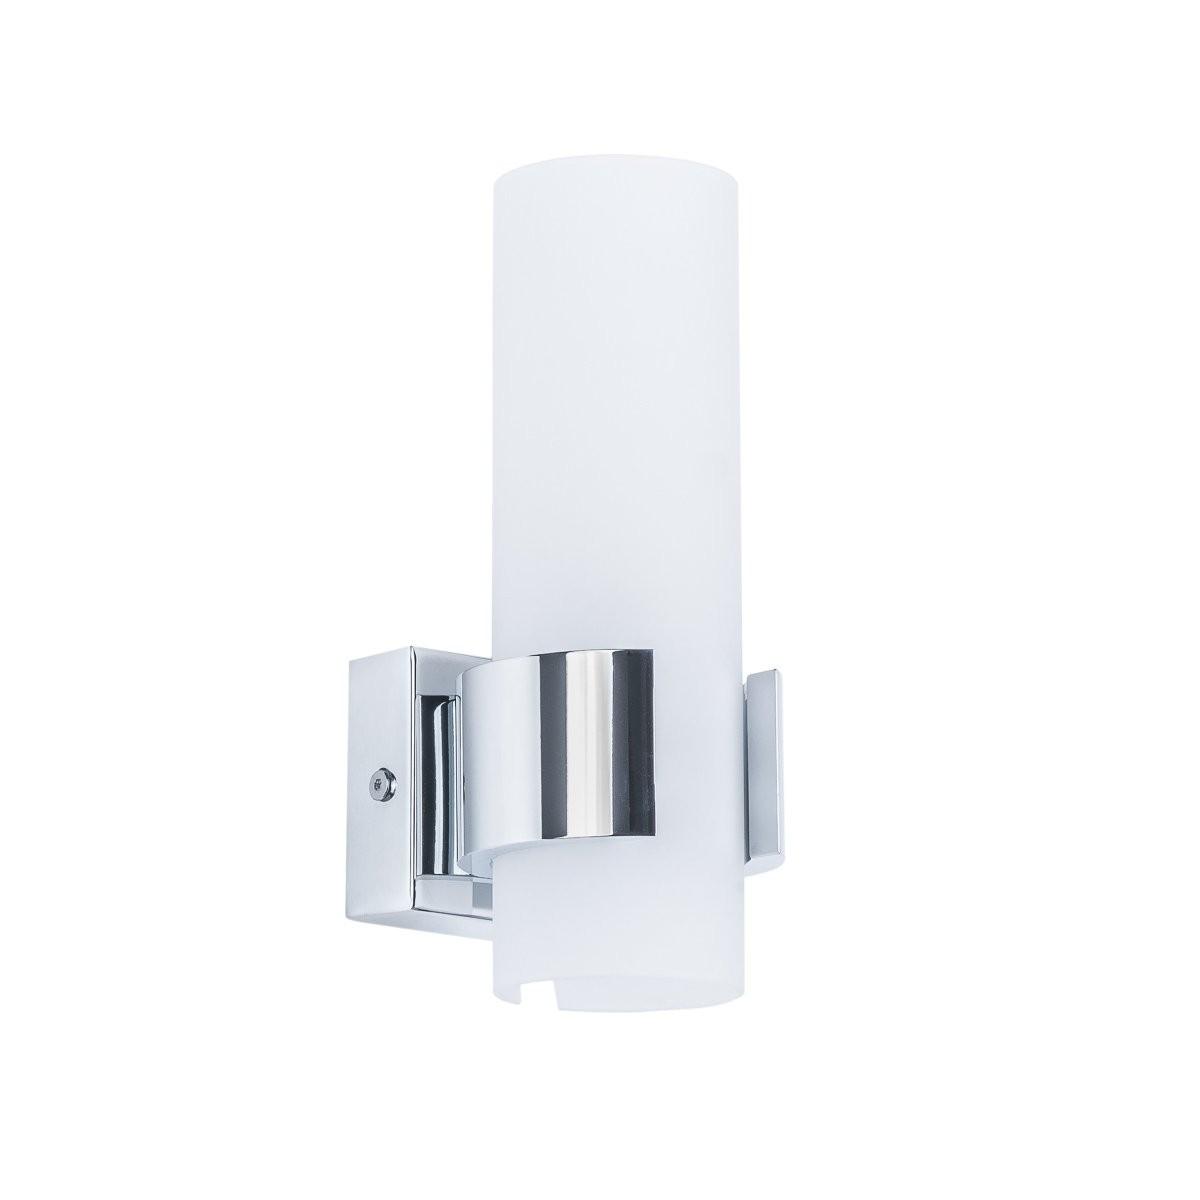 Italux MB120211014-1A nástěnná lampa do koupelny Rosetta 1x40W|G9|IP44